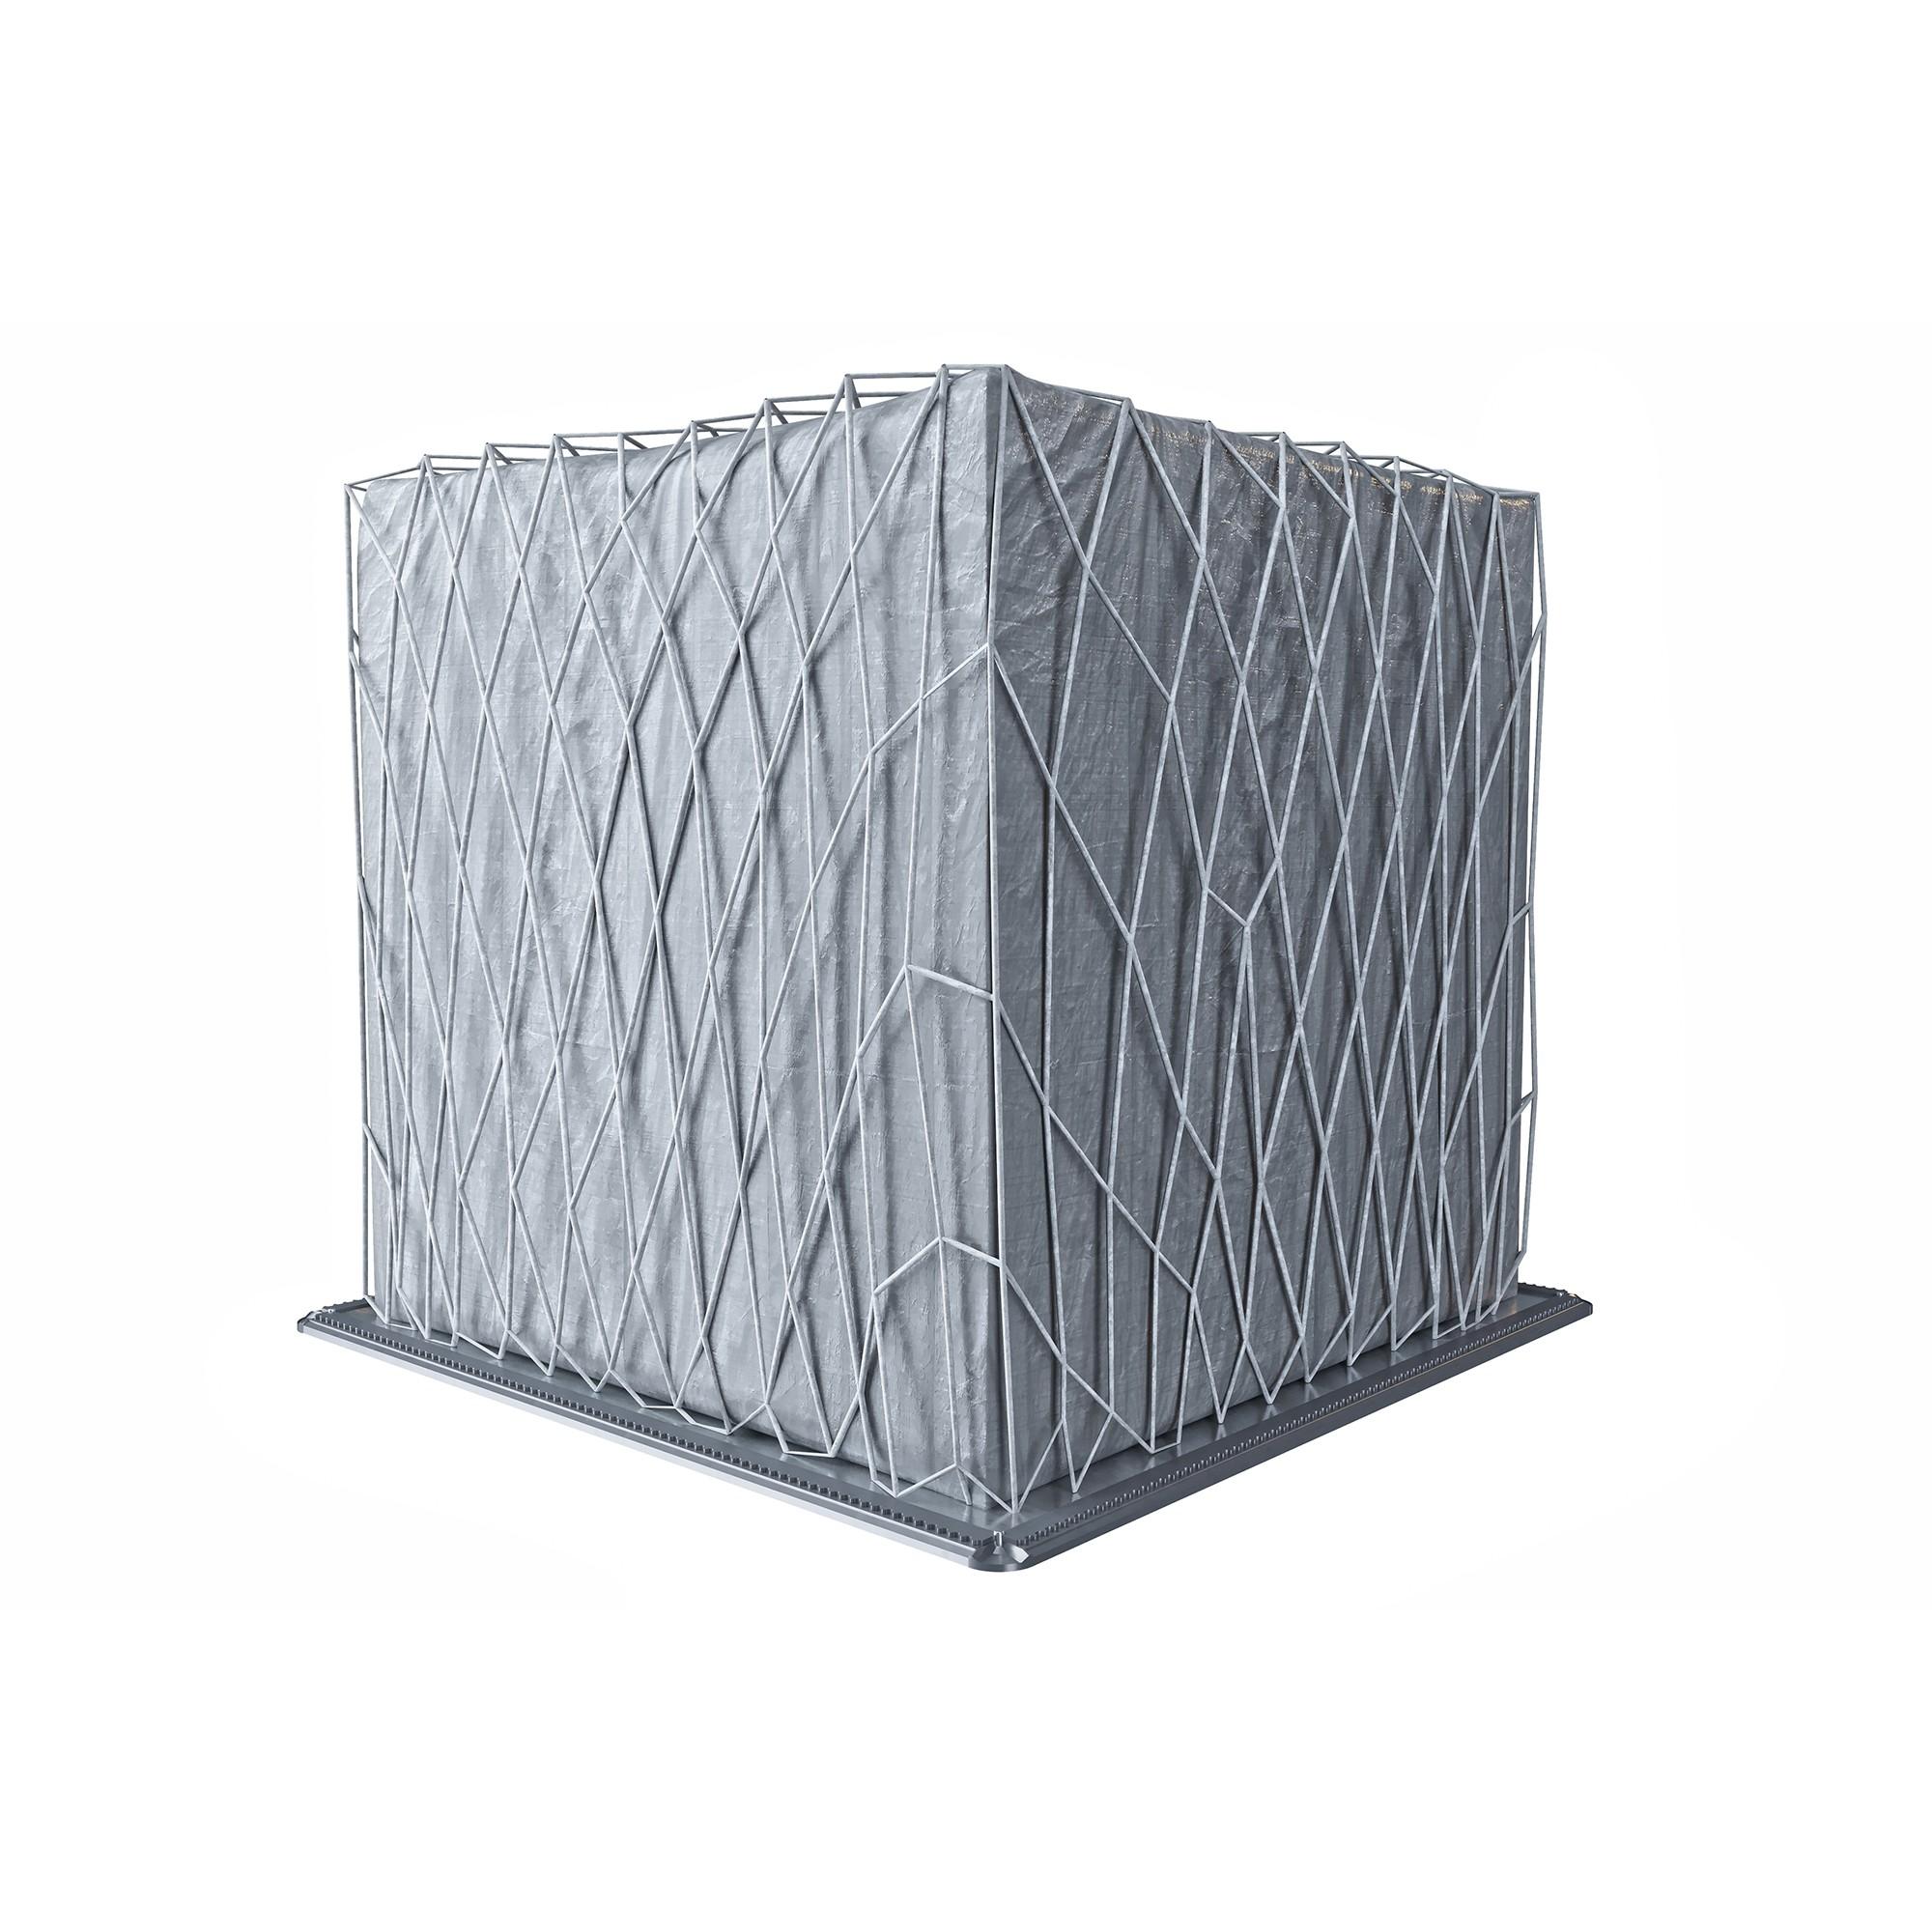 Totalpack® Air Cargo Nets